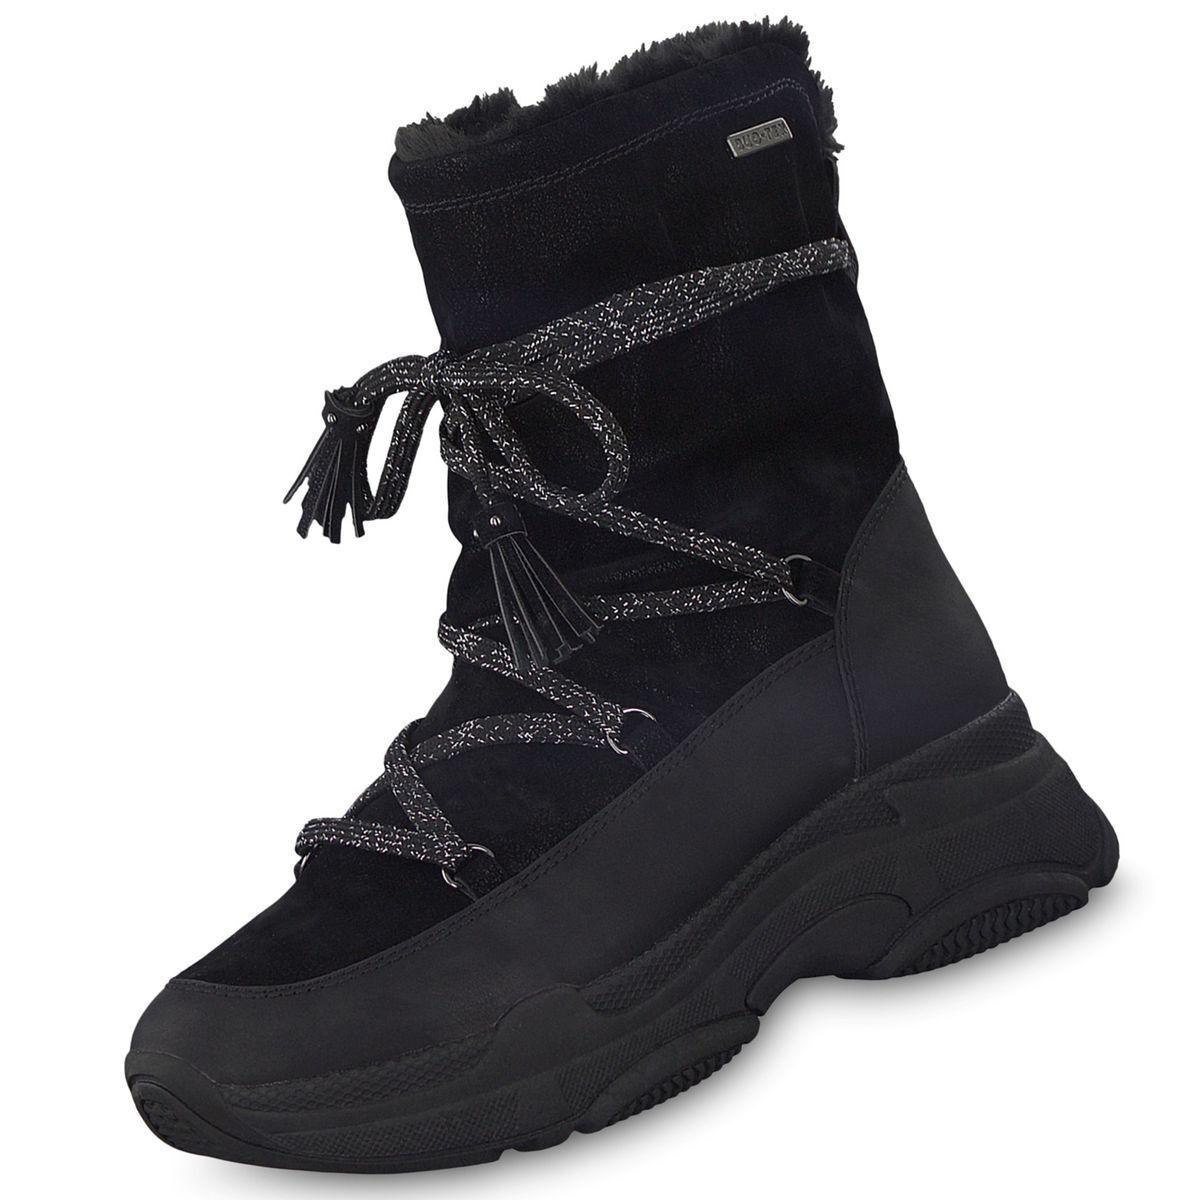 Nuevo Nuevo Nuevo Tamaris Zapatos Mujer Duo Tex botas Mujer botas de Invierno Zapatos Cálido  ahorra hasta un 80%